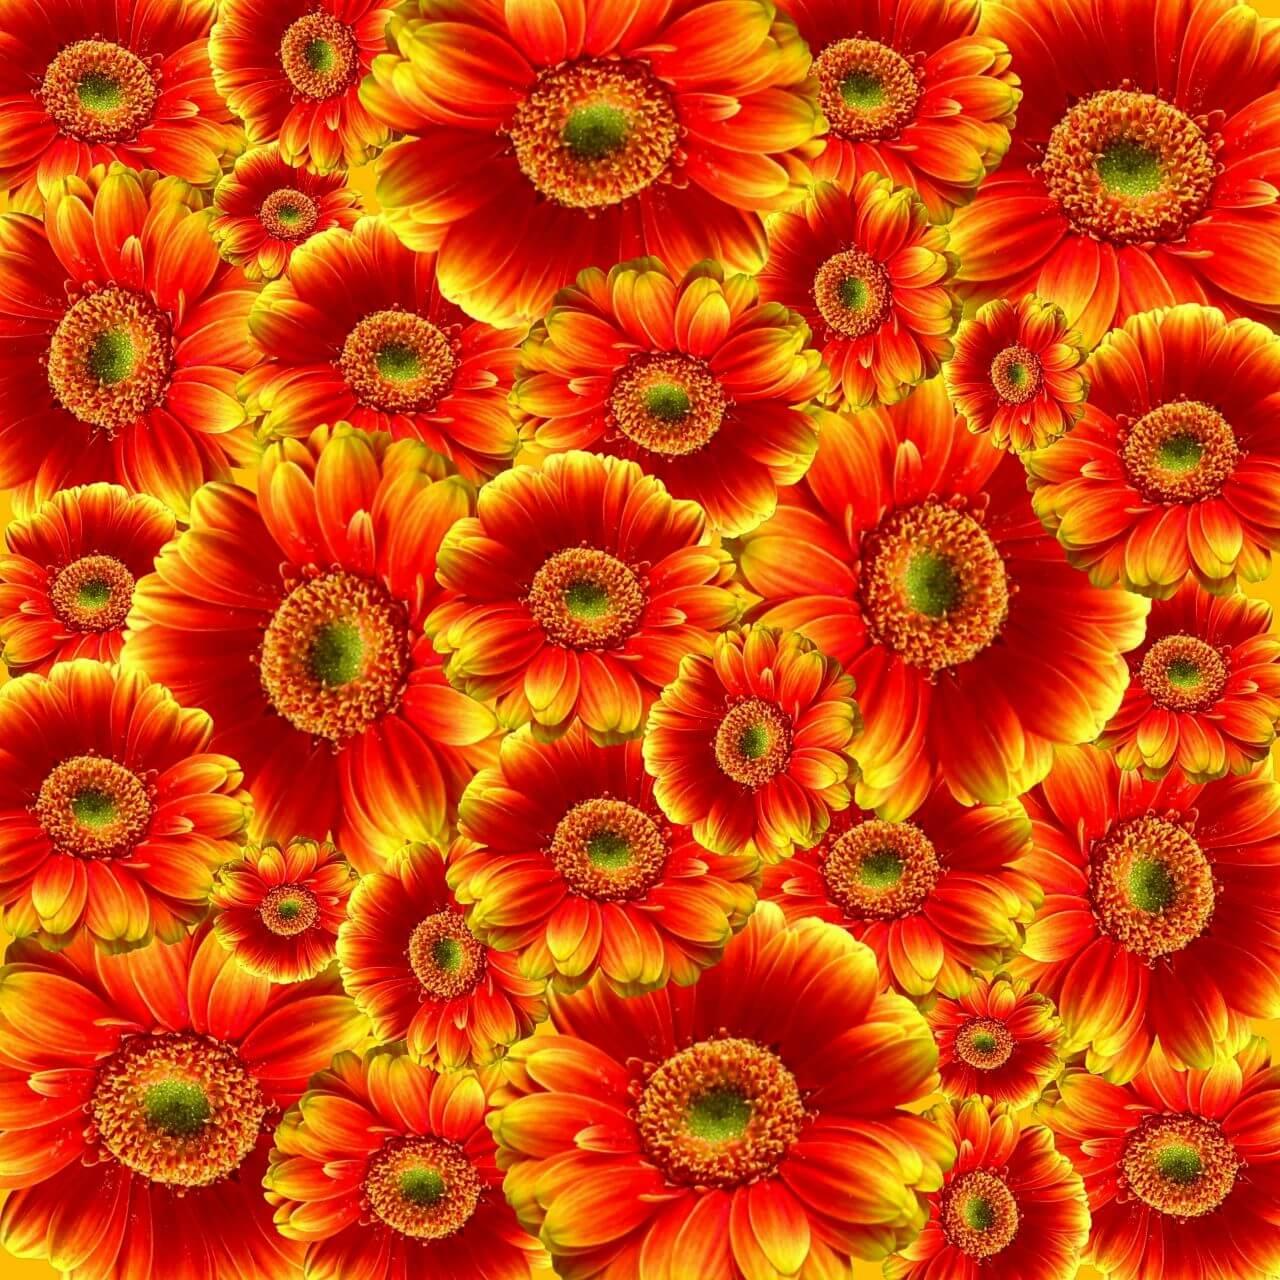 """Free photo """"Bloom"""" by NRW/Deutschland"""